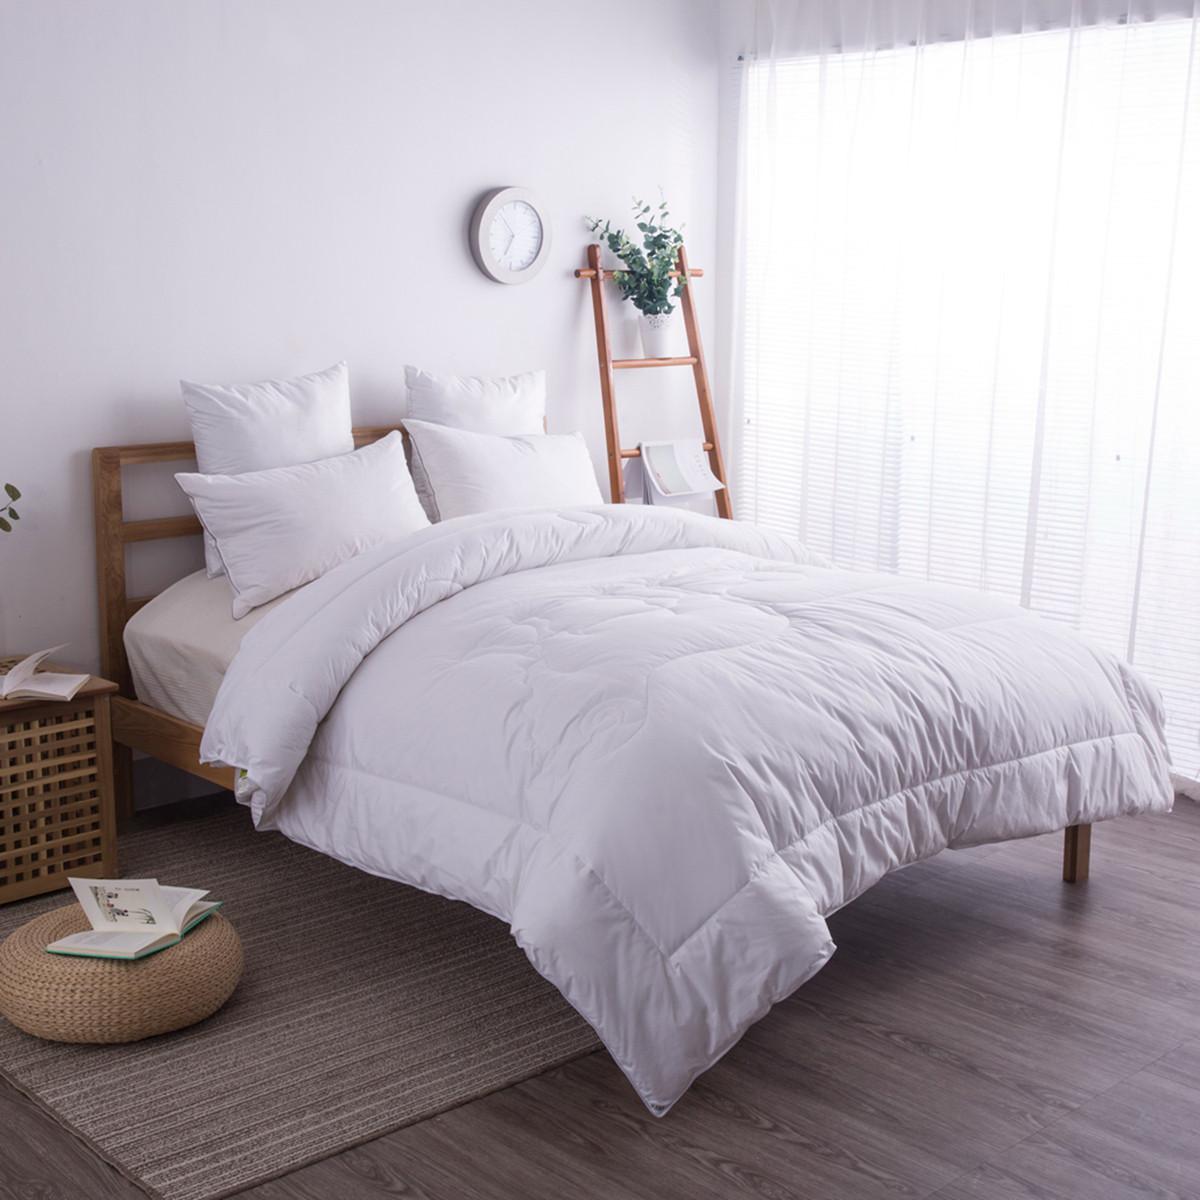 雅鹿全棉澳洲羊毛被子纯羊毛冬被加厚保暖冬季被芯纯棉被褥床上用品COLOR白色